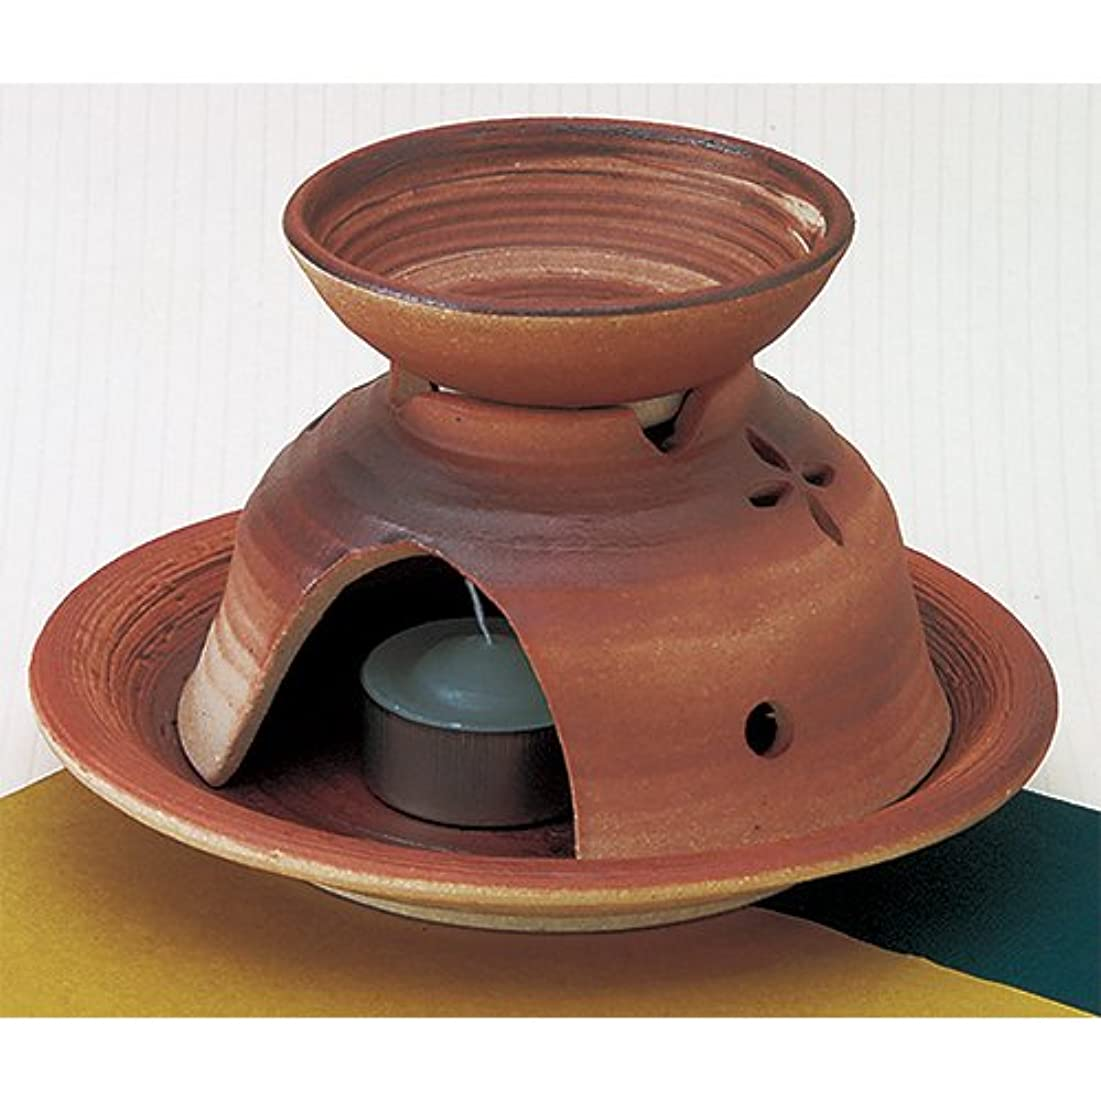 香炉 花抜き 茶香炉 [R15xH9.5cm] HANDMADE プレゼント ギフト 和食器 かわいい インテリア